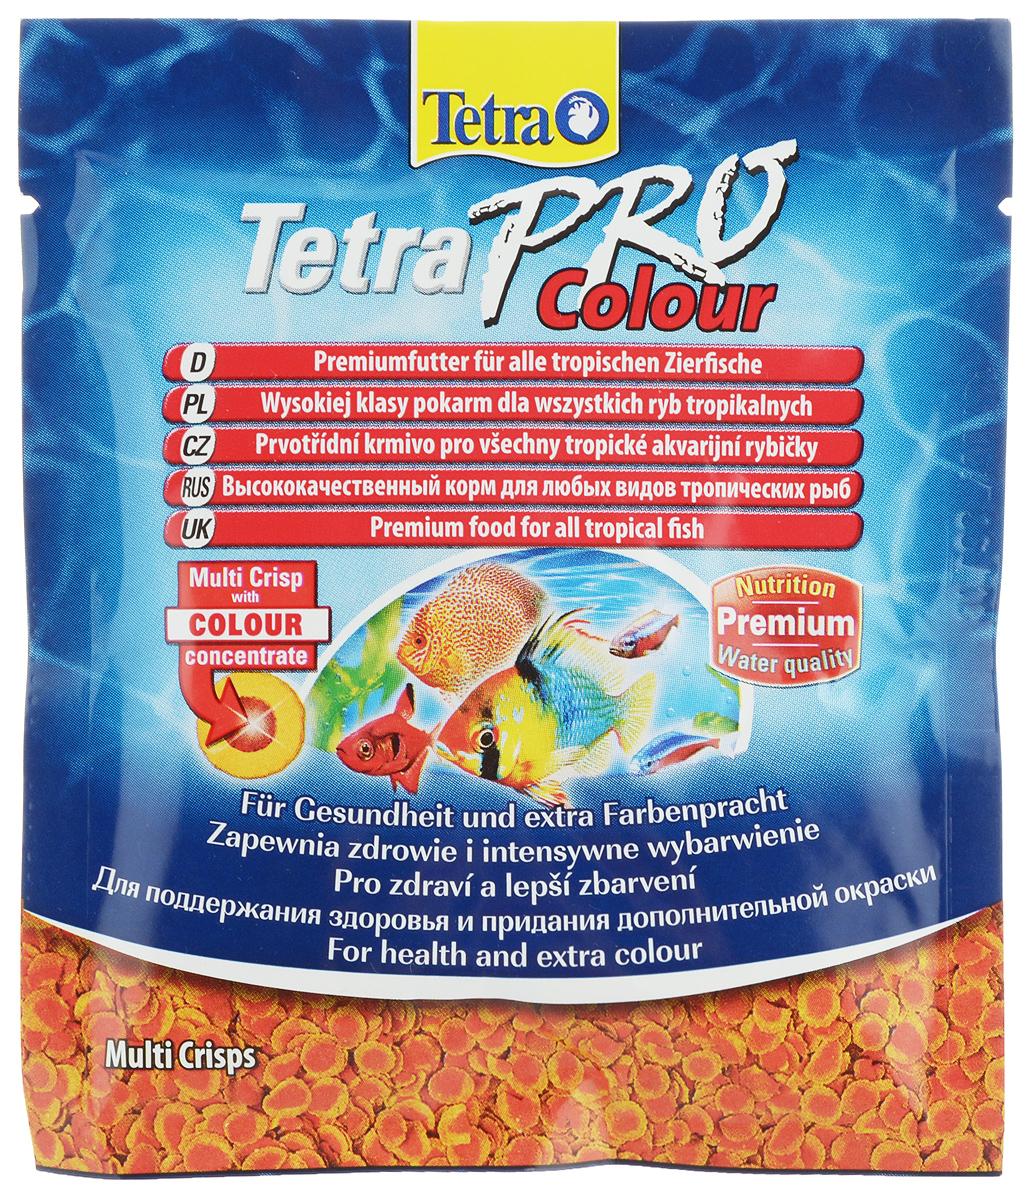 Корм Tetra TetraPro. Color для улучшения окраса всех видов декоративных рыб, чипсы, 12 г149366Корм Tetra TetraPro. Color - кормовые чипсы, предназначенные для улучшения яркости окраса декоративных рыбок. В составе имеется высокое содержание каротиноидов, которые усиливают яркий естественный окрас рыбок. При регулярном кормлении усиление цвета заметно уже через две недели. Кормить рыбок чипсами необходимо маленькими дозами и несколько раз в сутки. Состав: рыба и побочные рыбные продукты, зерновые культуры, экстракты растительного белка, дрожжи, моллюски и раки, масла и жиры, водоросли, сахар. Аналитические компоненты: сырой белок - 46%, сырые масла и жиры - 12%, сырая клетчатка - 3%, содержание влаги - 9%. Товар сертифицирован.